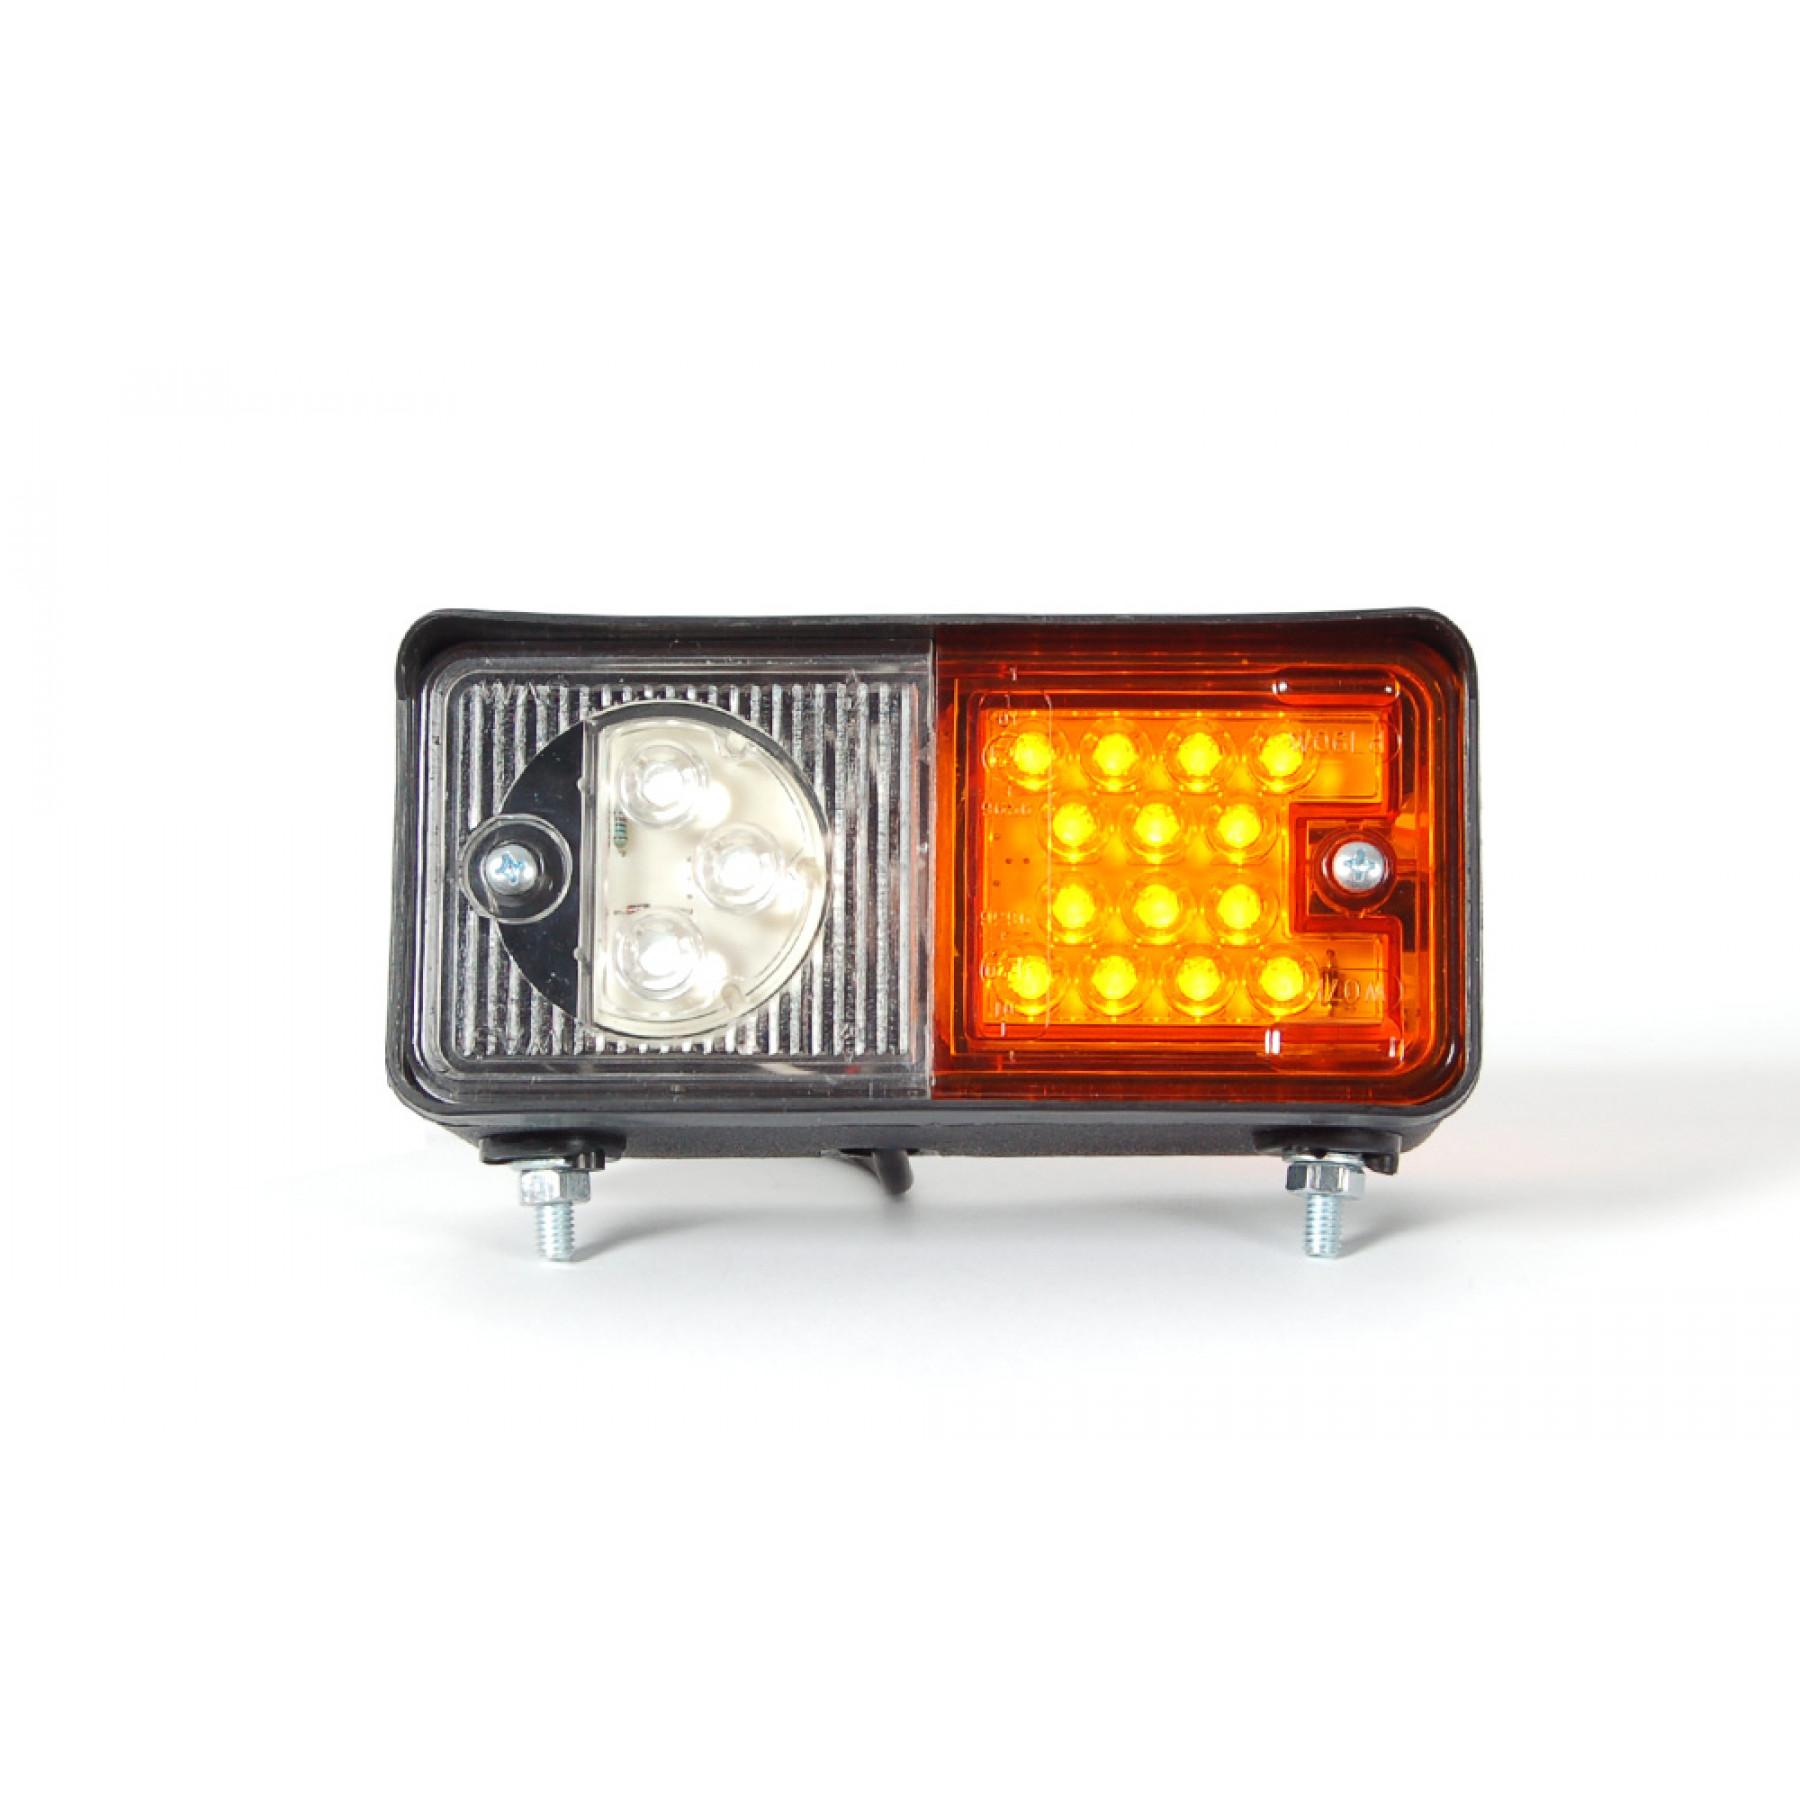 Markeringslamp m. richtingaanwijzer rechts